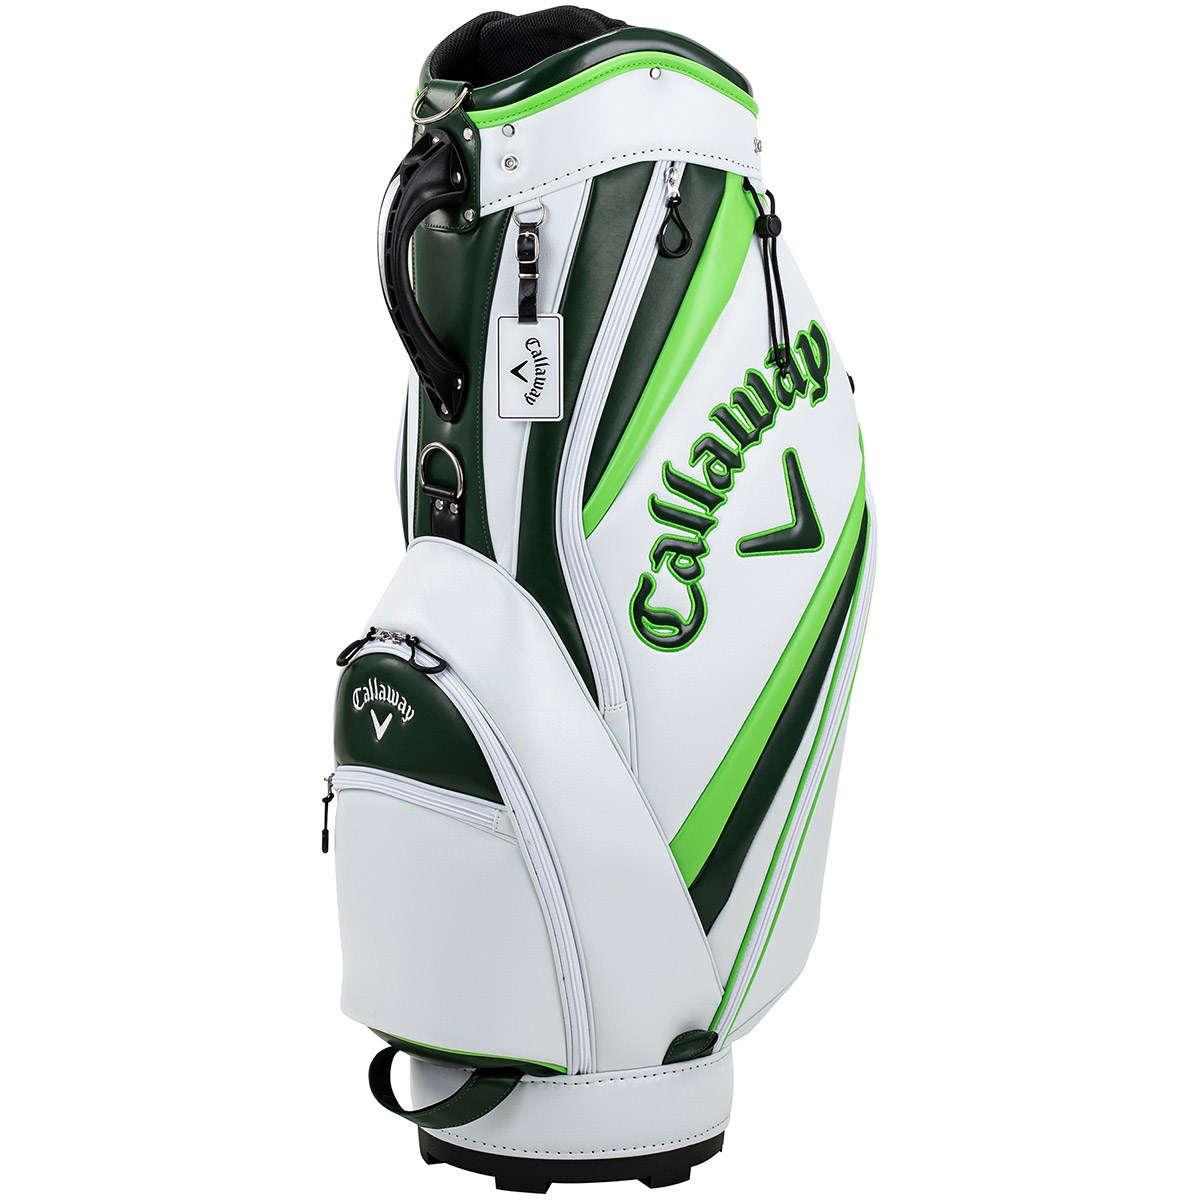 キャロウェイゴルフ(Callaway Golf) LIGHT キャディバッグ